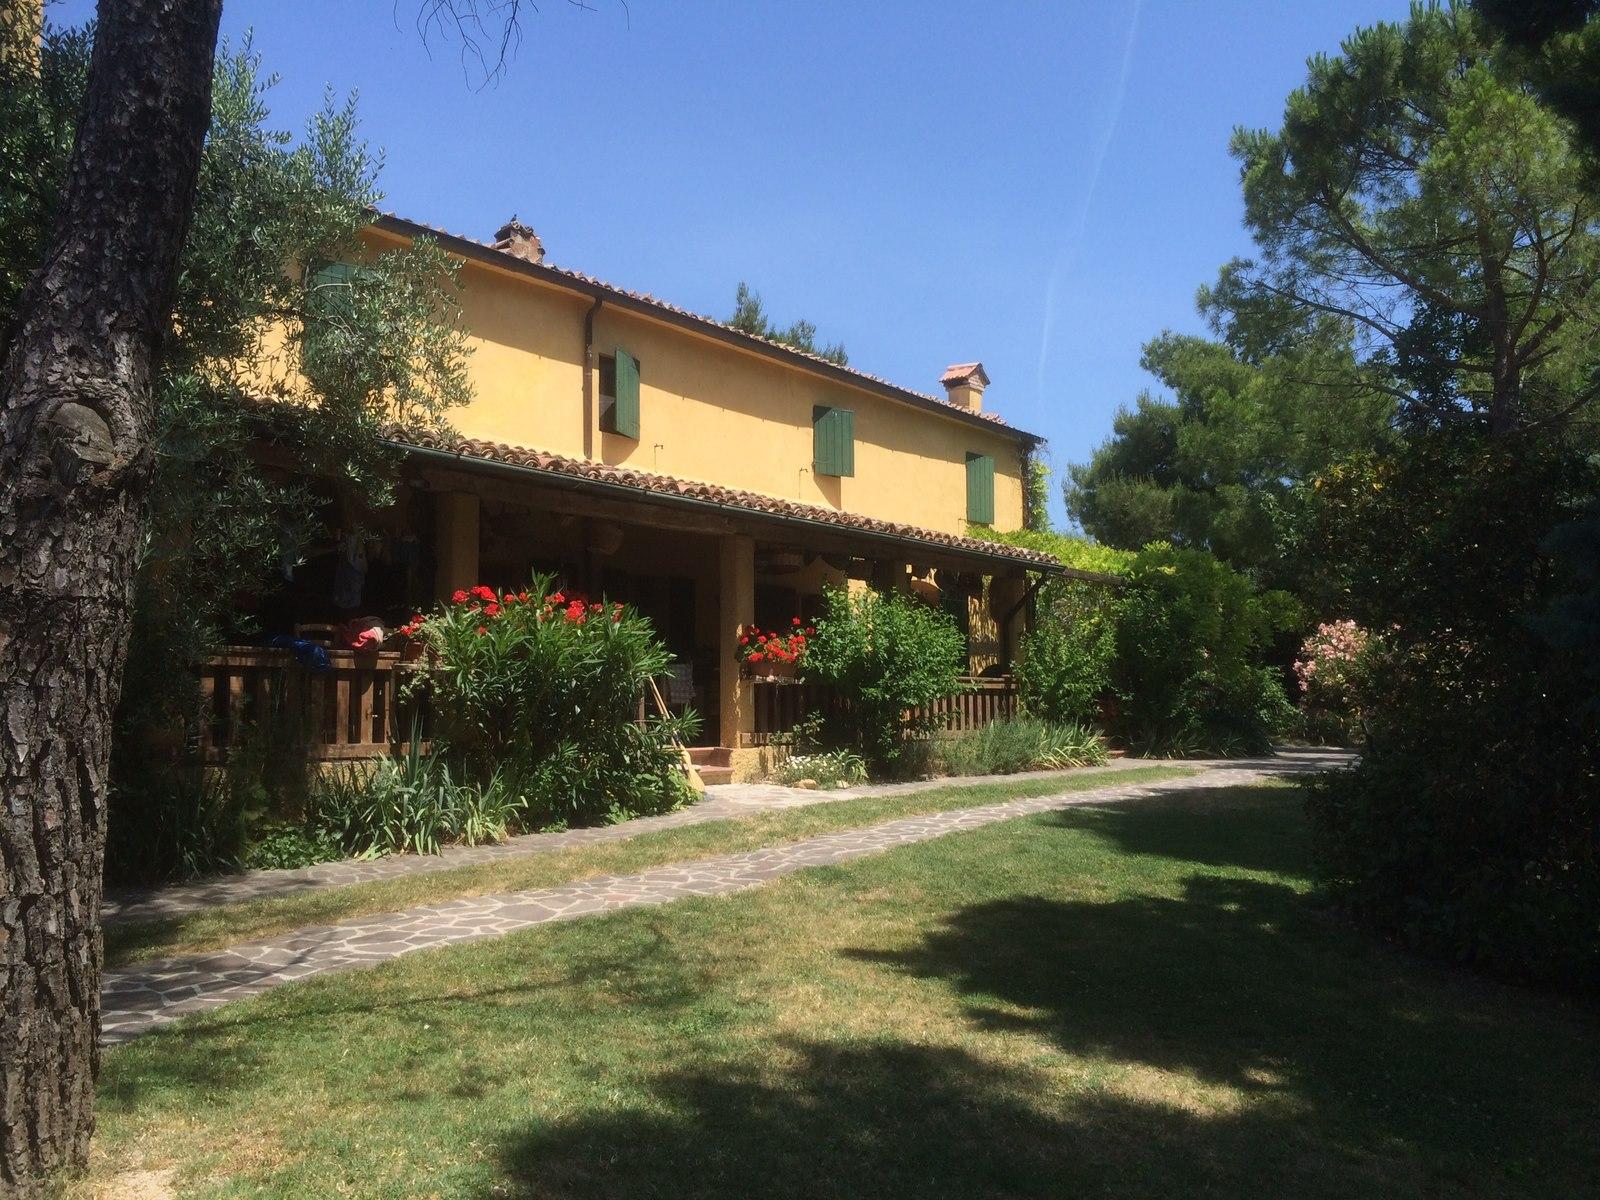 Ferienhaus Pescatore (870454), Fano (IT), Adriaküste (Marken), Marken, Italien, Bild 29